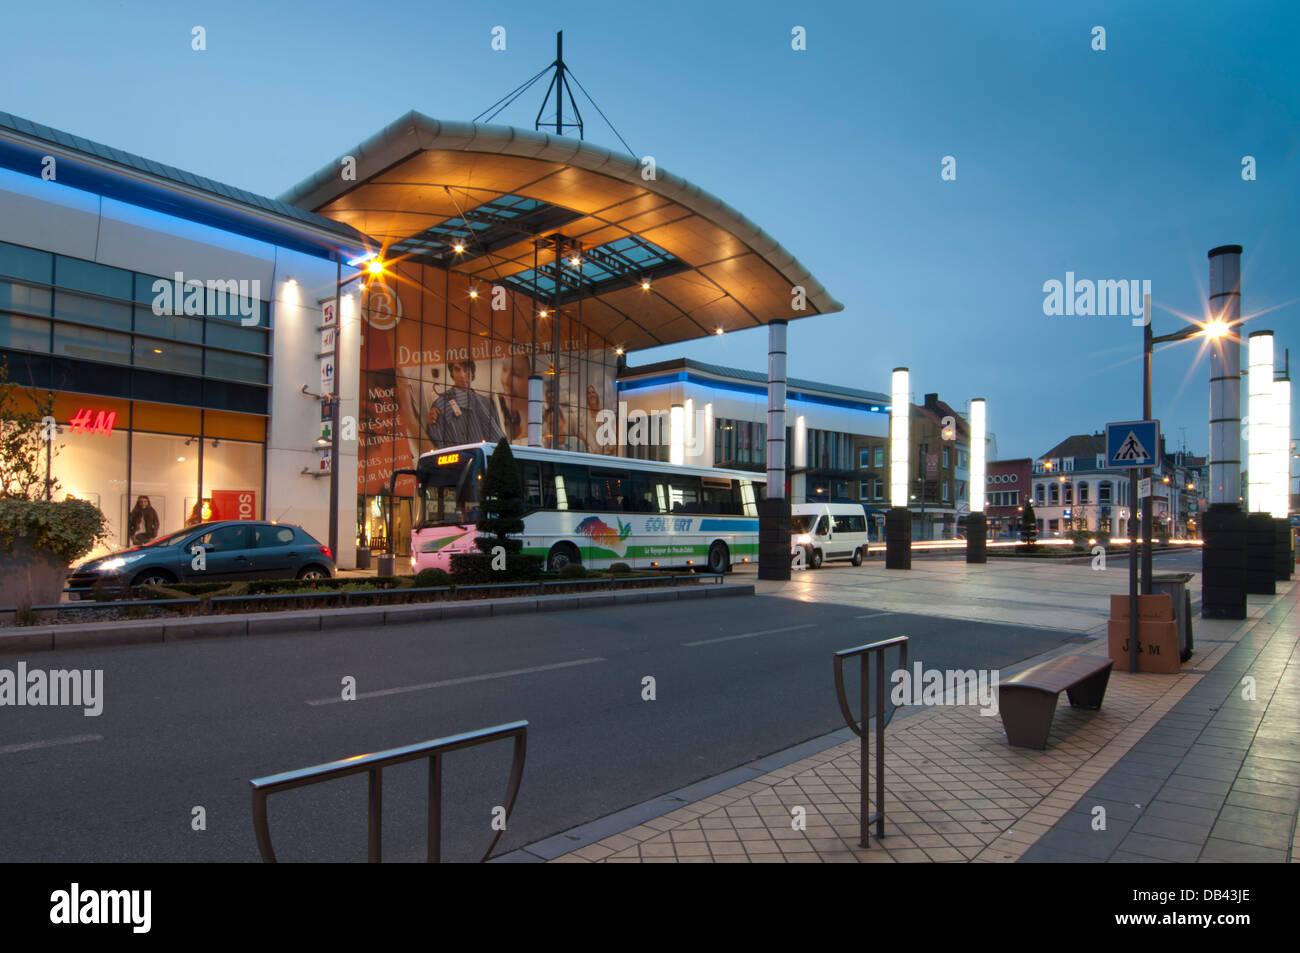 Europe, France, Nord pas de Calais, Calais shopping mall - Stock Image